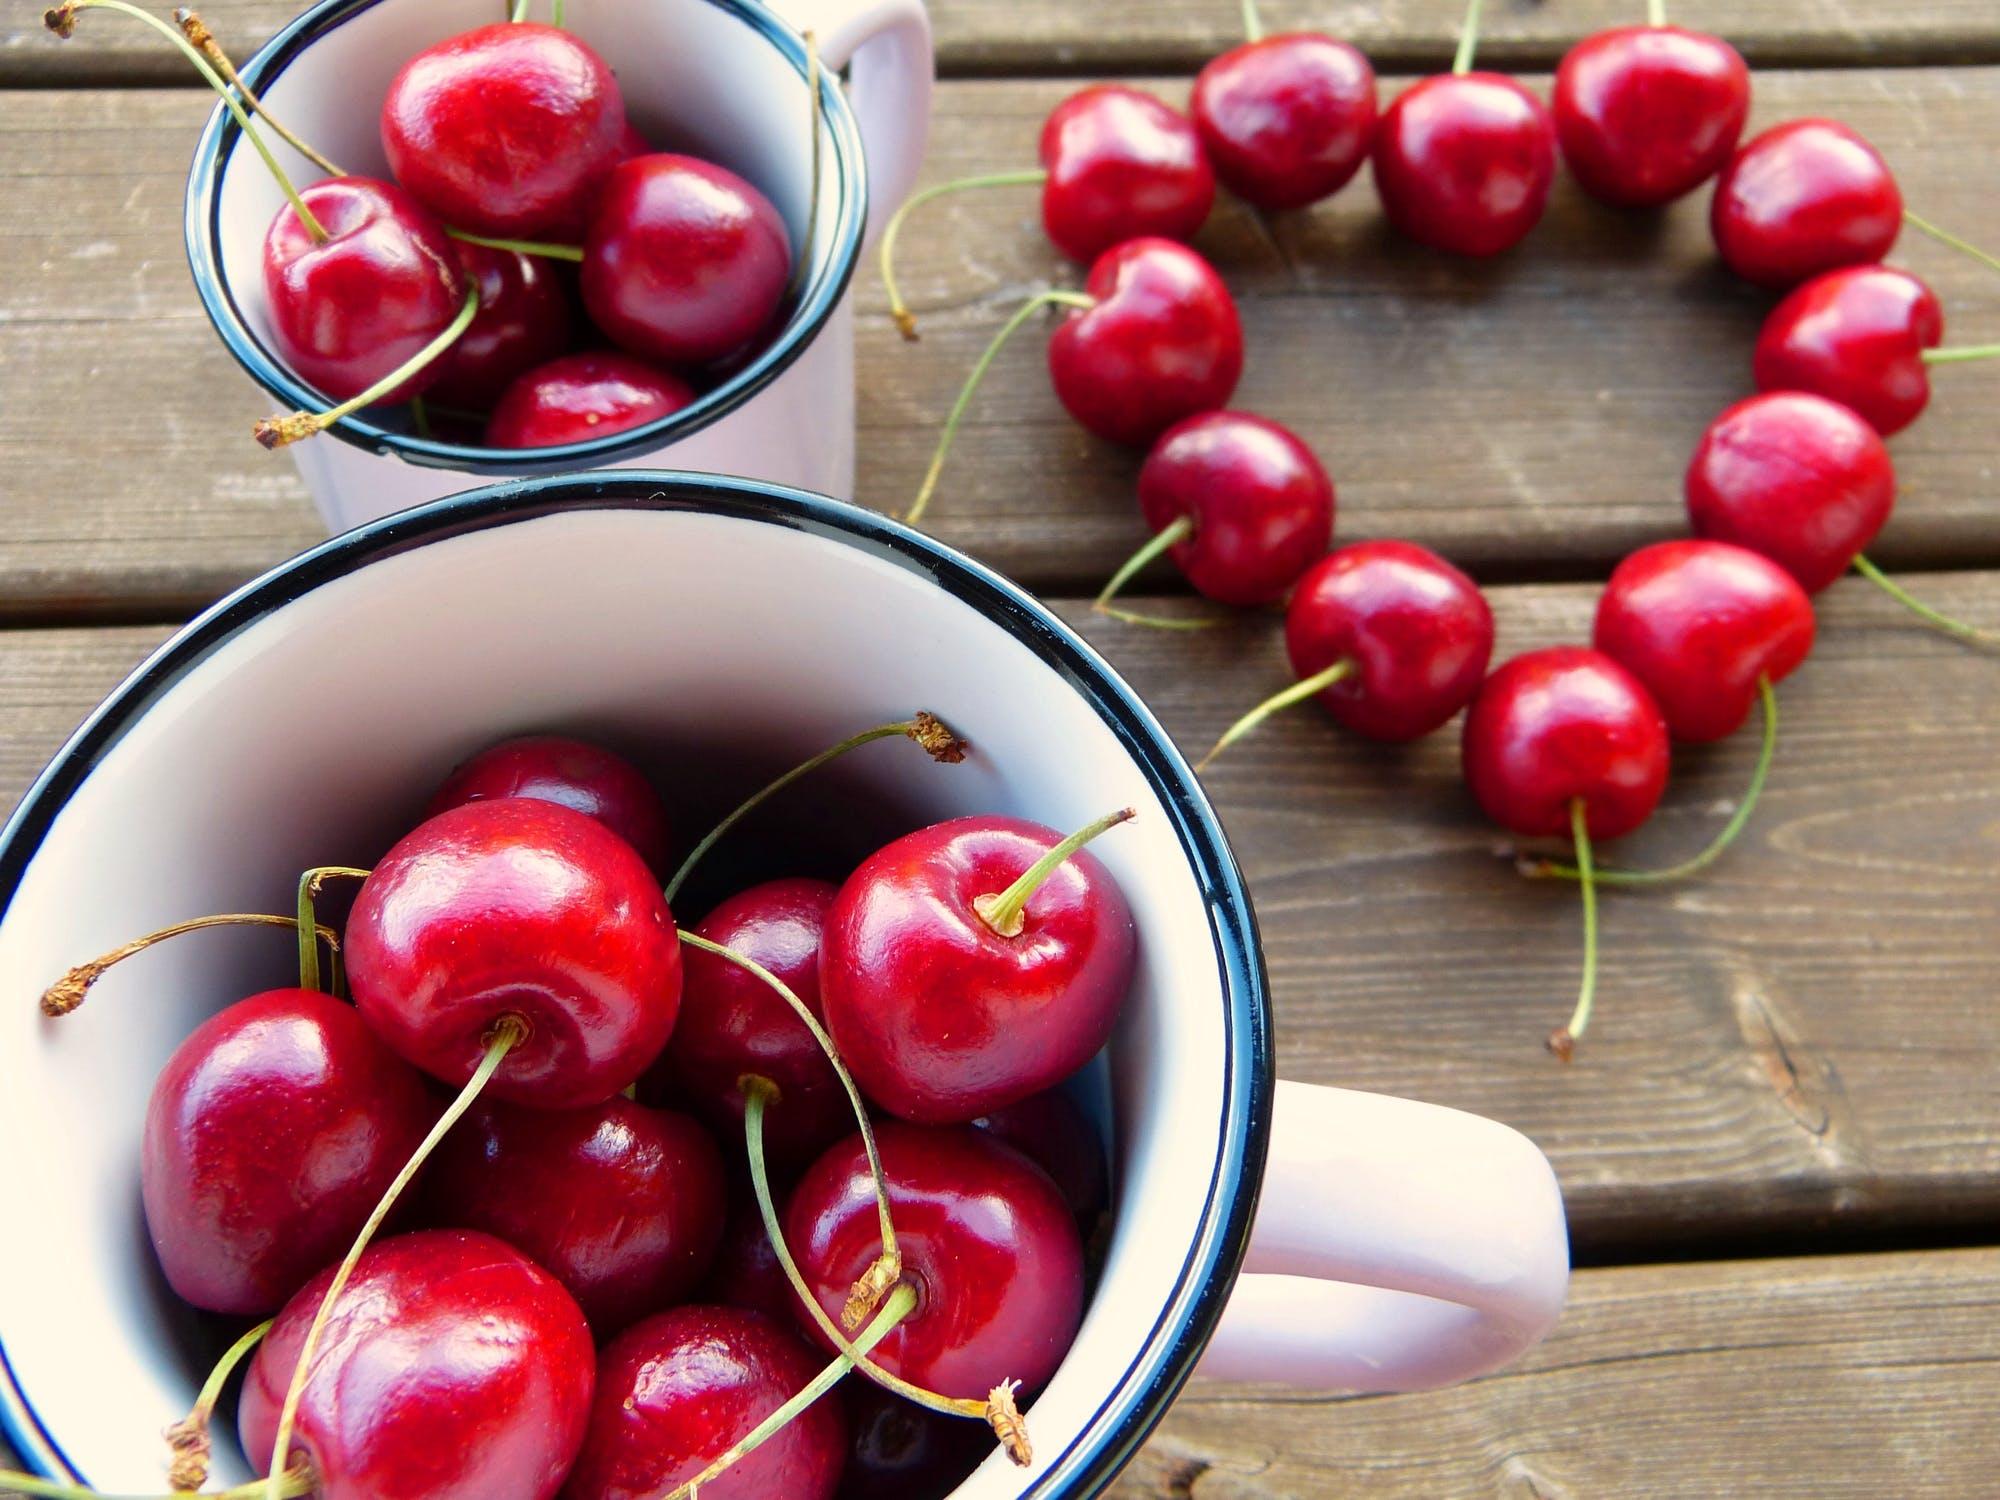 Cseresznye kisokos: ismerd meg az istenek eledelét | budapest-nurnberg.hu